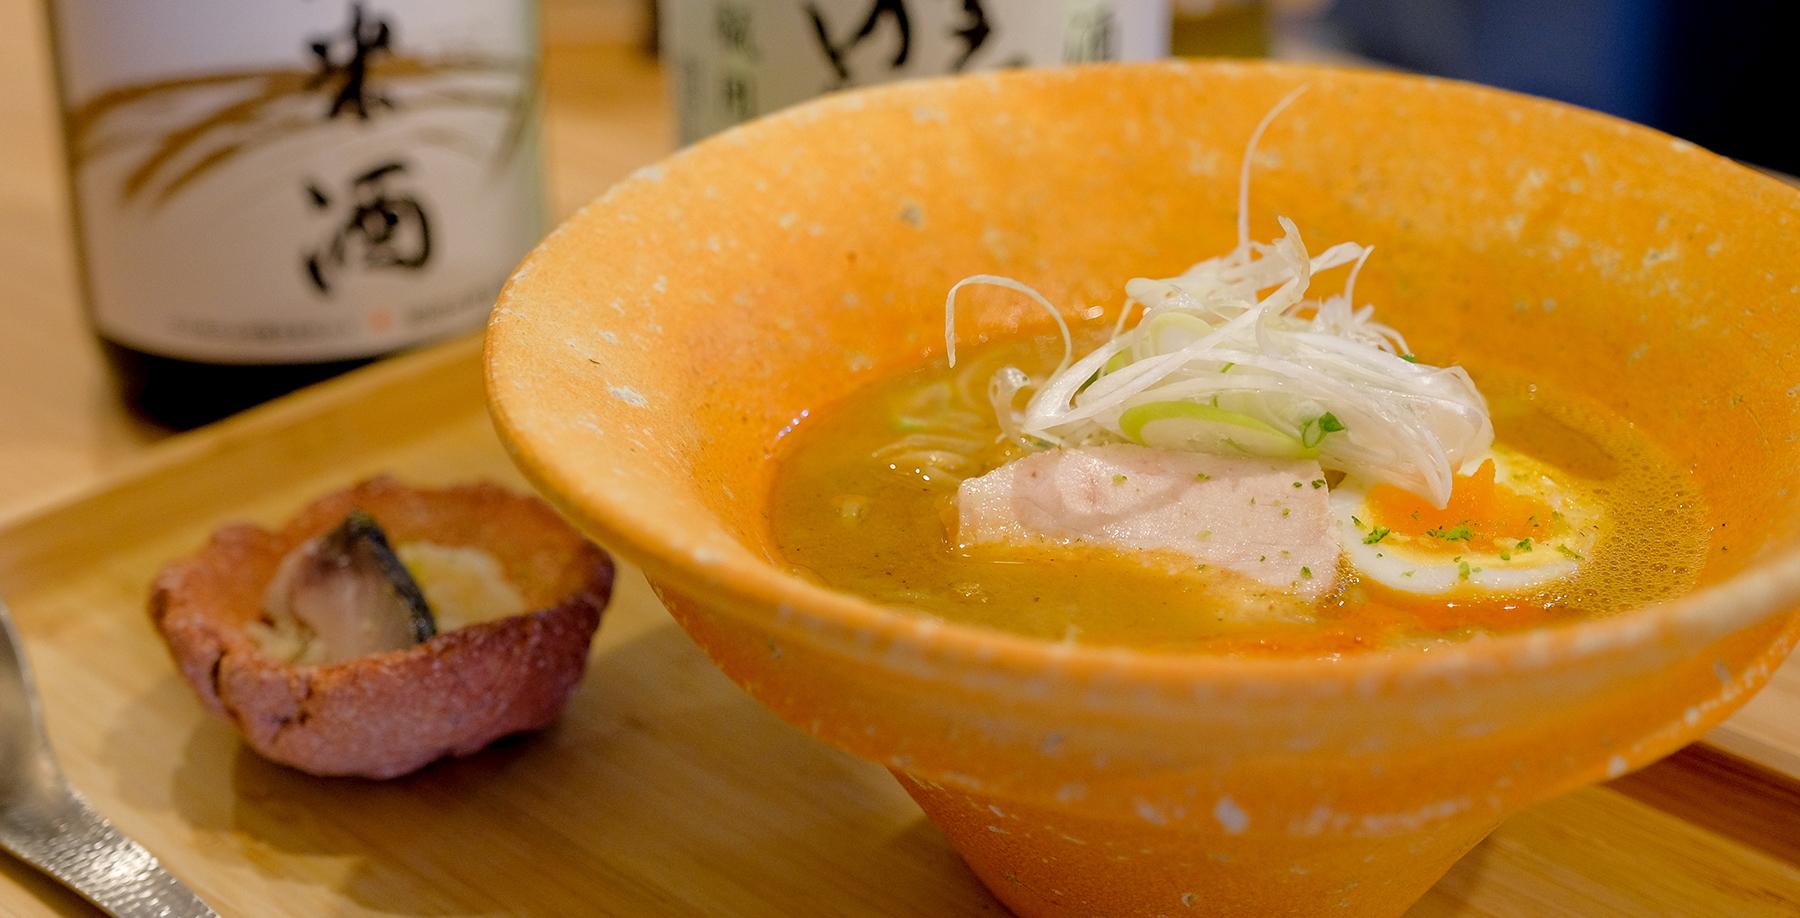 やまなか らーめん本町、西本町のラーメン激戦区に季節に合わせた魚介スープと自家製麺で勝負する。ラーメン屋。ラーメンコースなどつねに挑戦し続ける山中酒の店の直営店